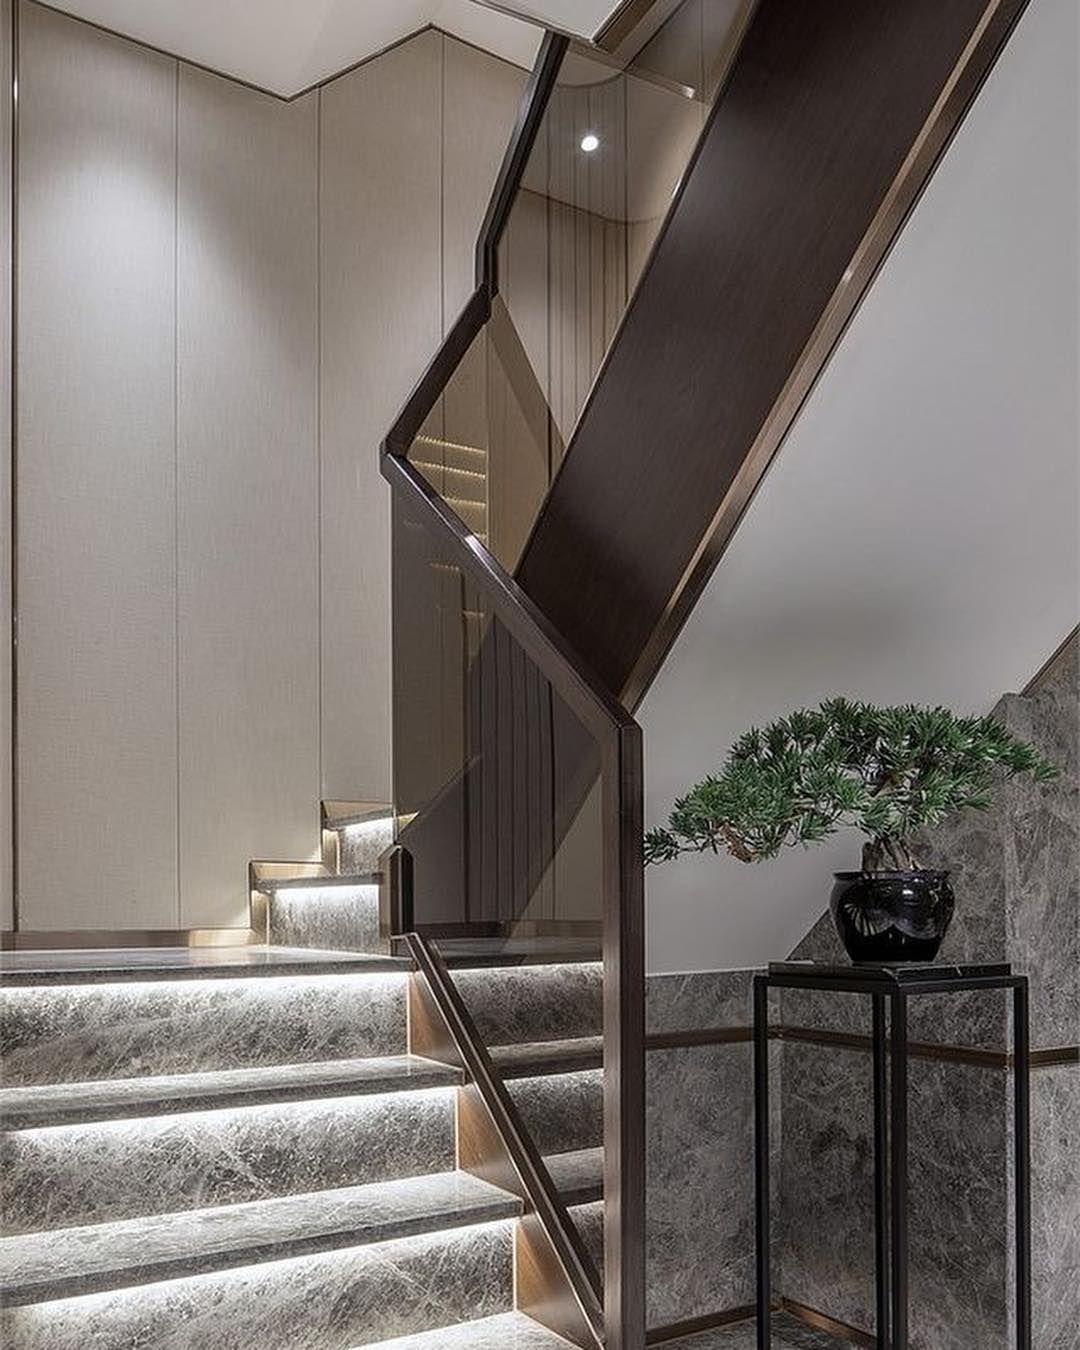 صور درابزين درج للفلل والدوبليكس بأحدث الاشكال ميكساتك Brick Patios Home Stairs